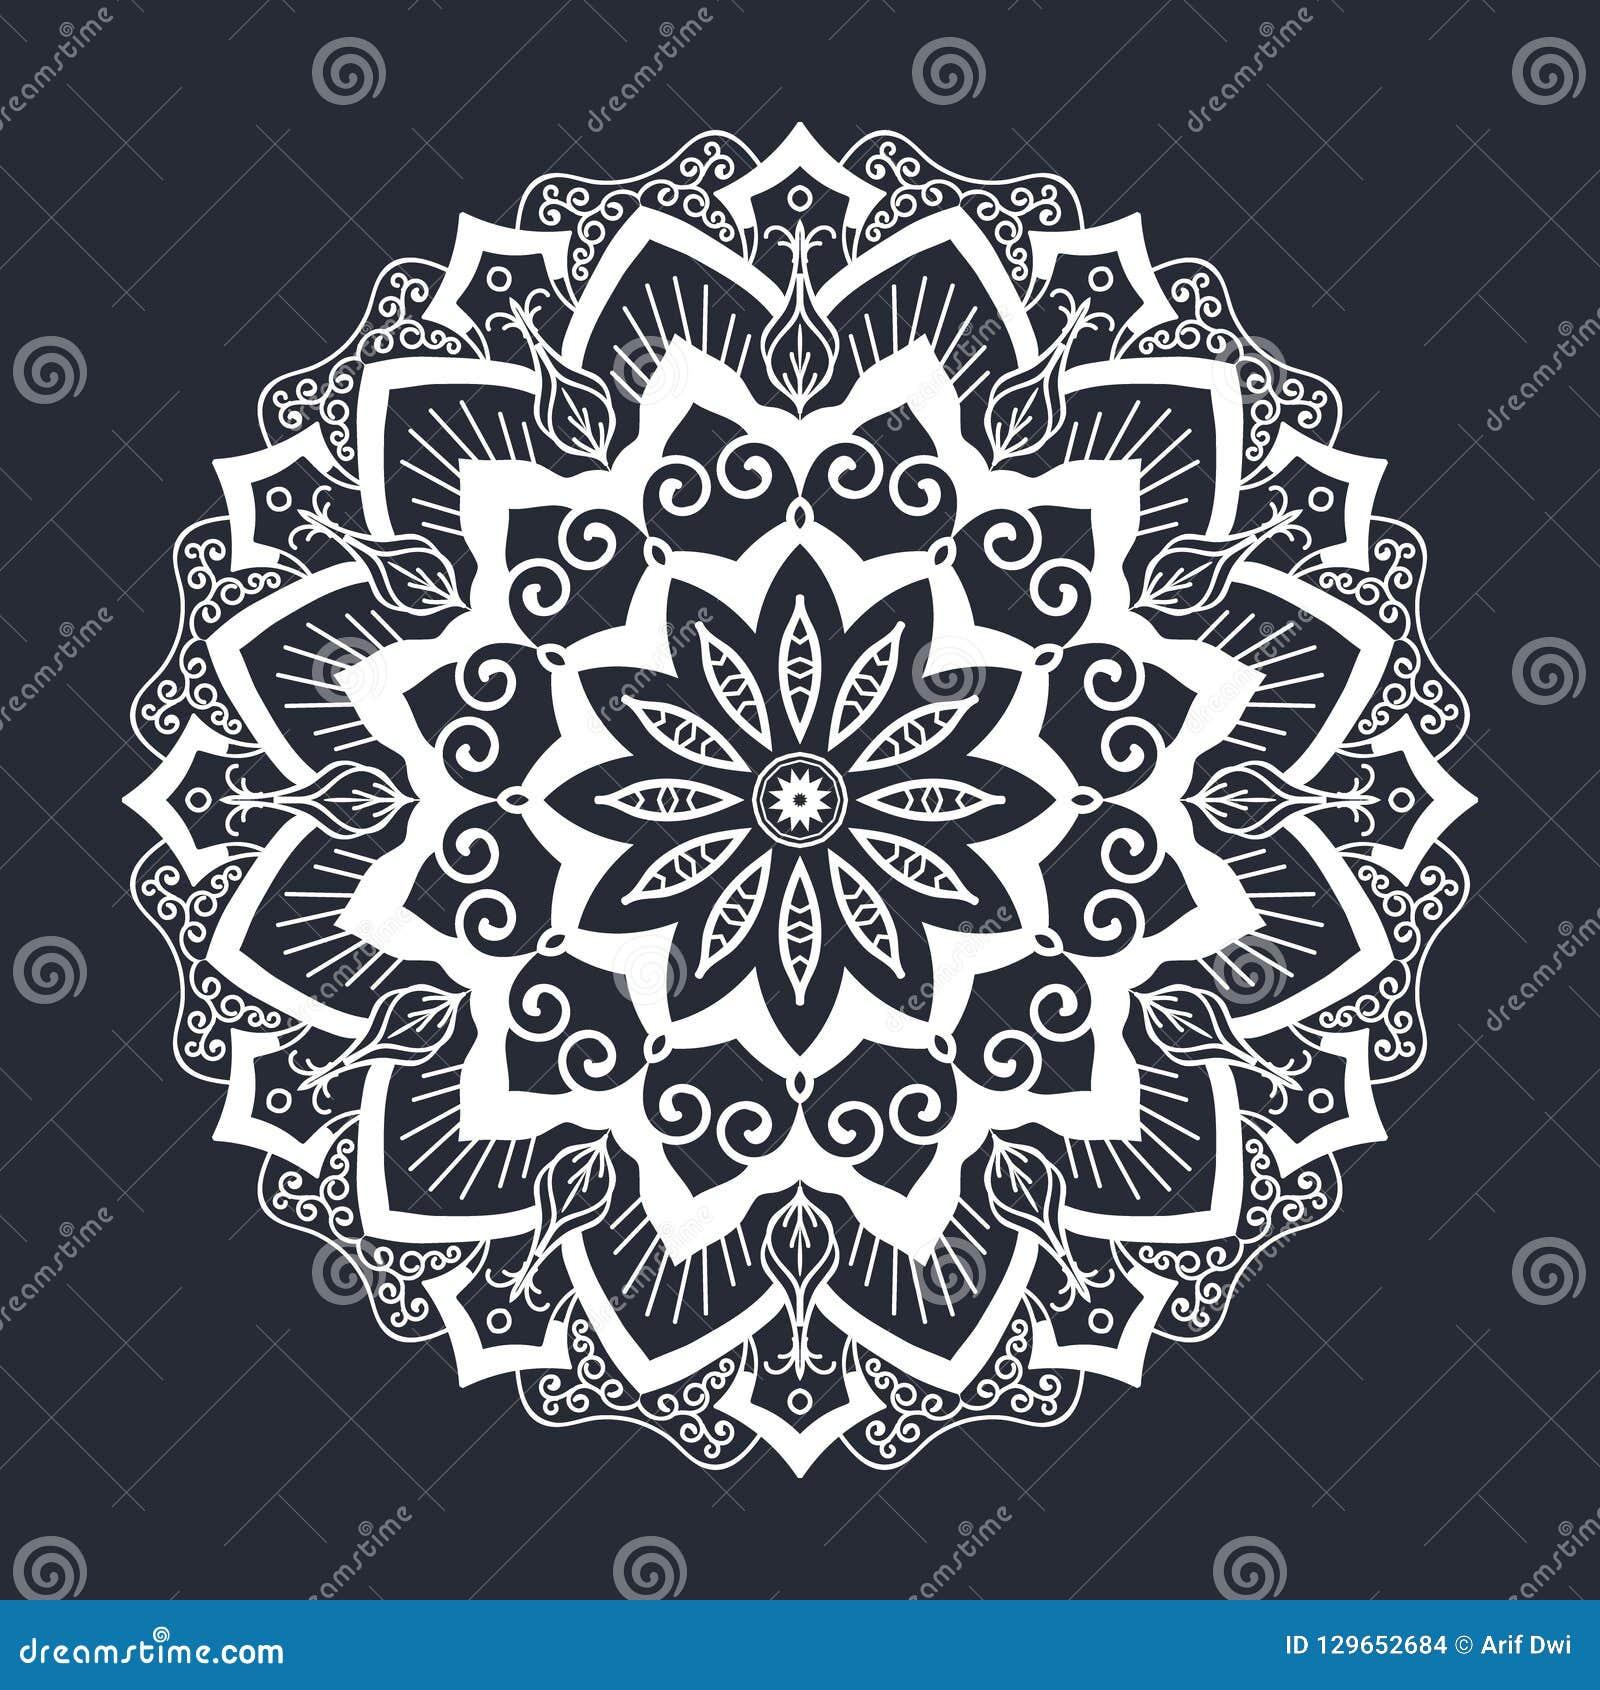 Ornement Noir Et Blanc De Modele De Mandala Illustration De Vecteur Illustration Du Mandala Modele 129652684